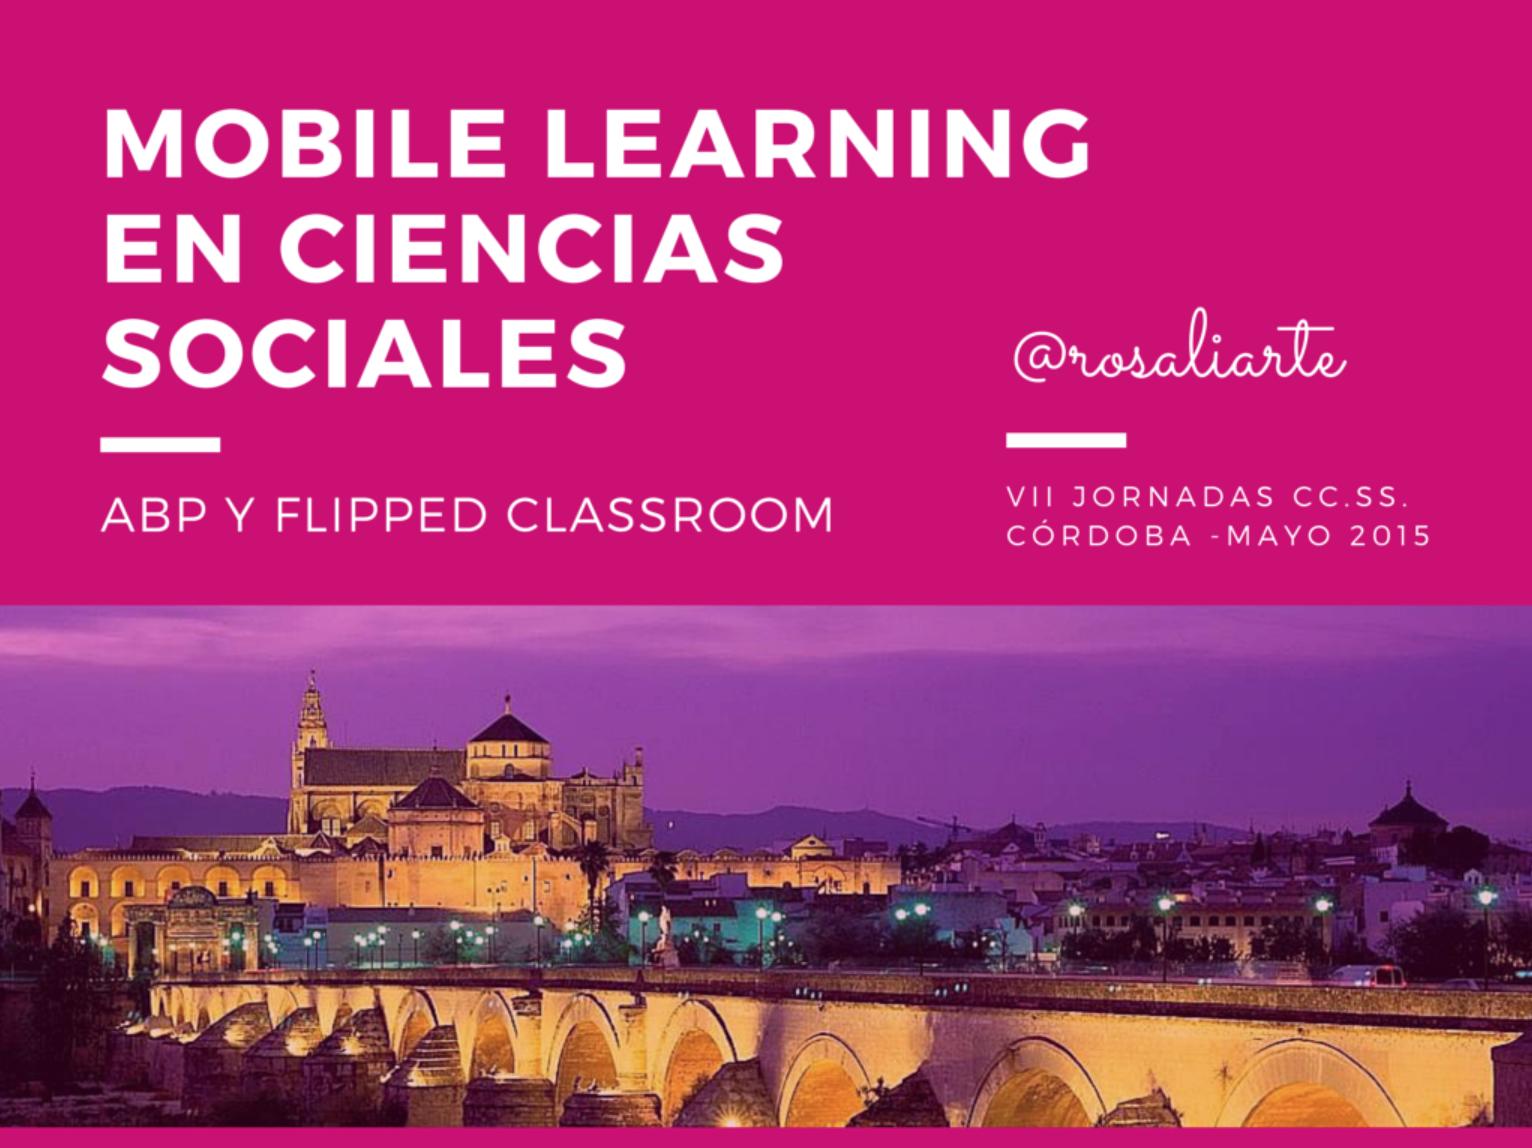 Mobile Learning en Ciencias Sociales, Ponencia en Córdoba